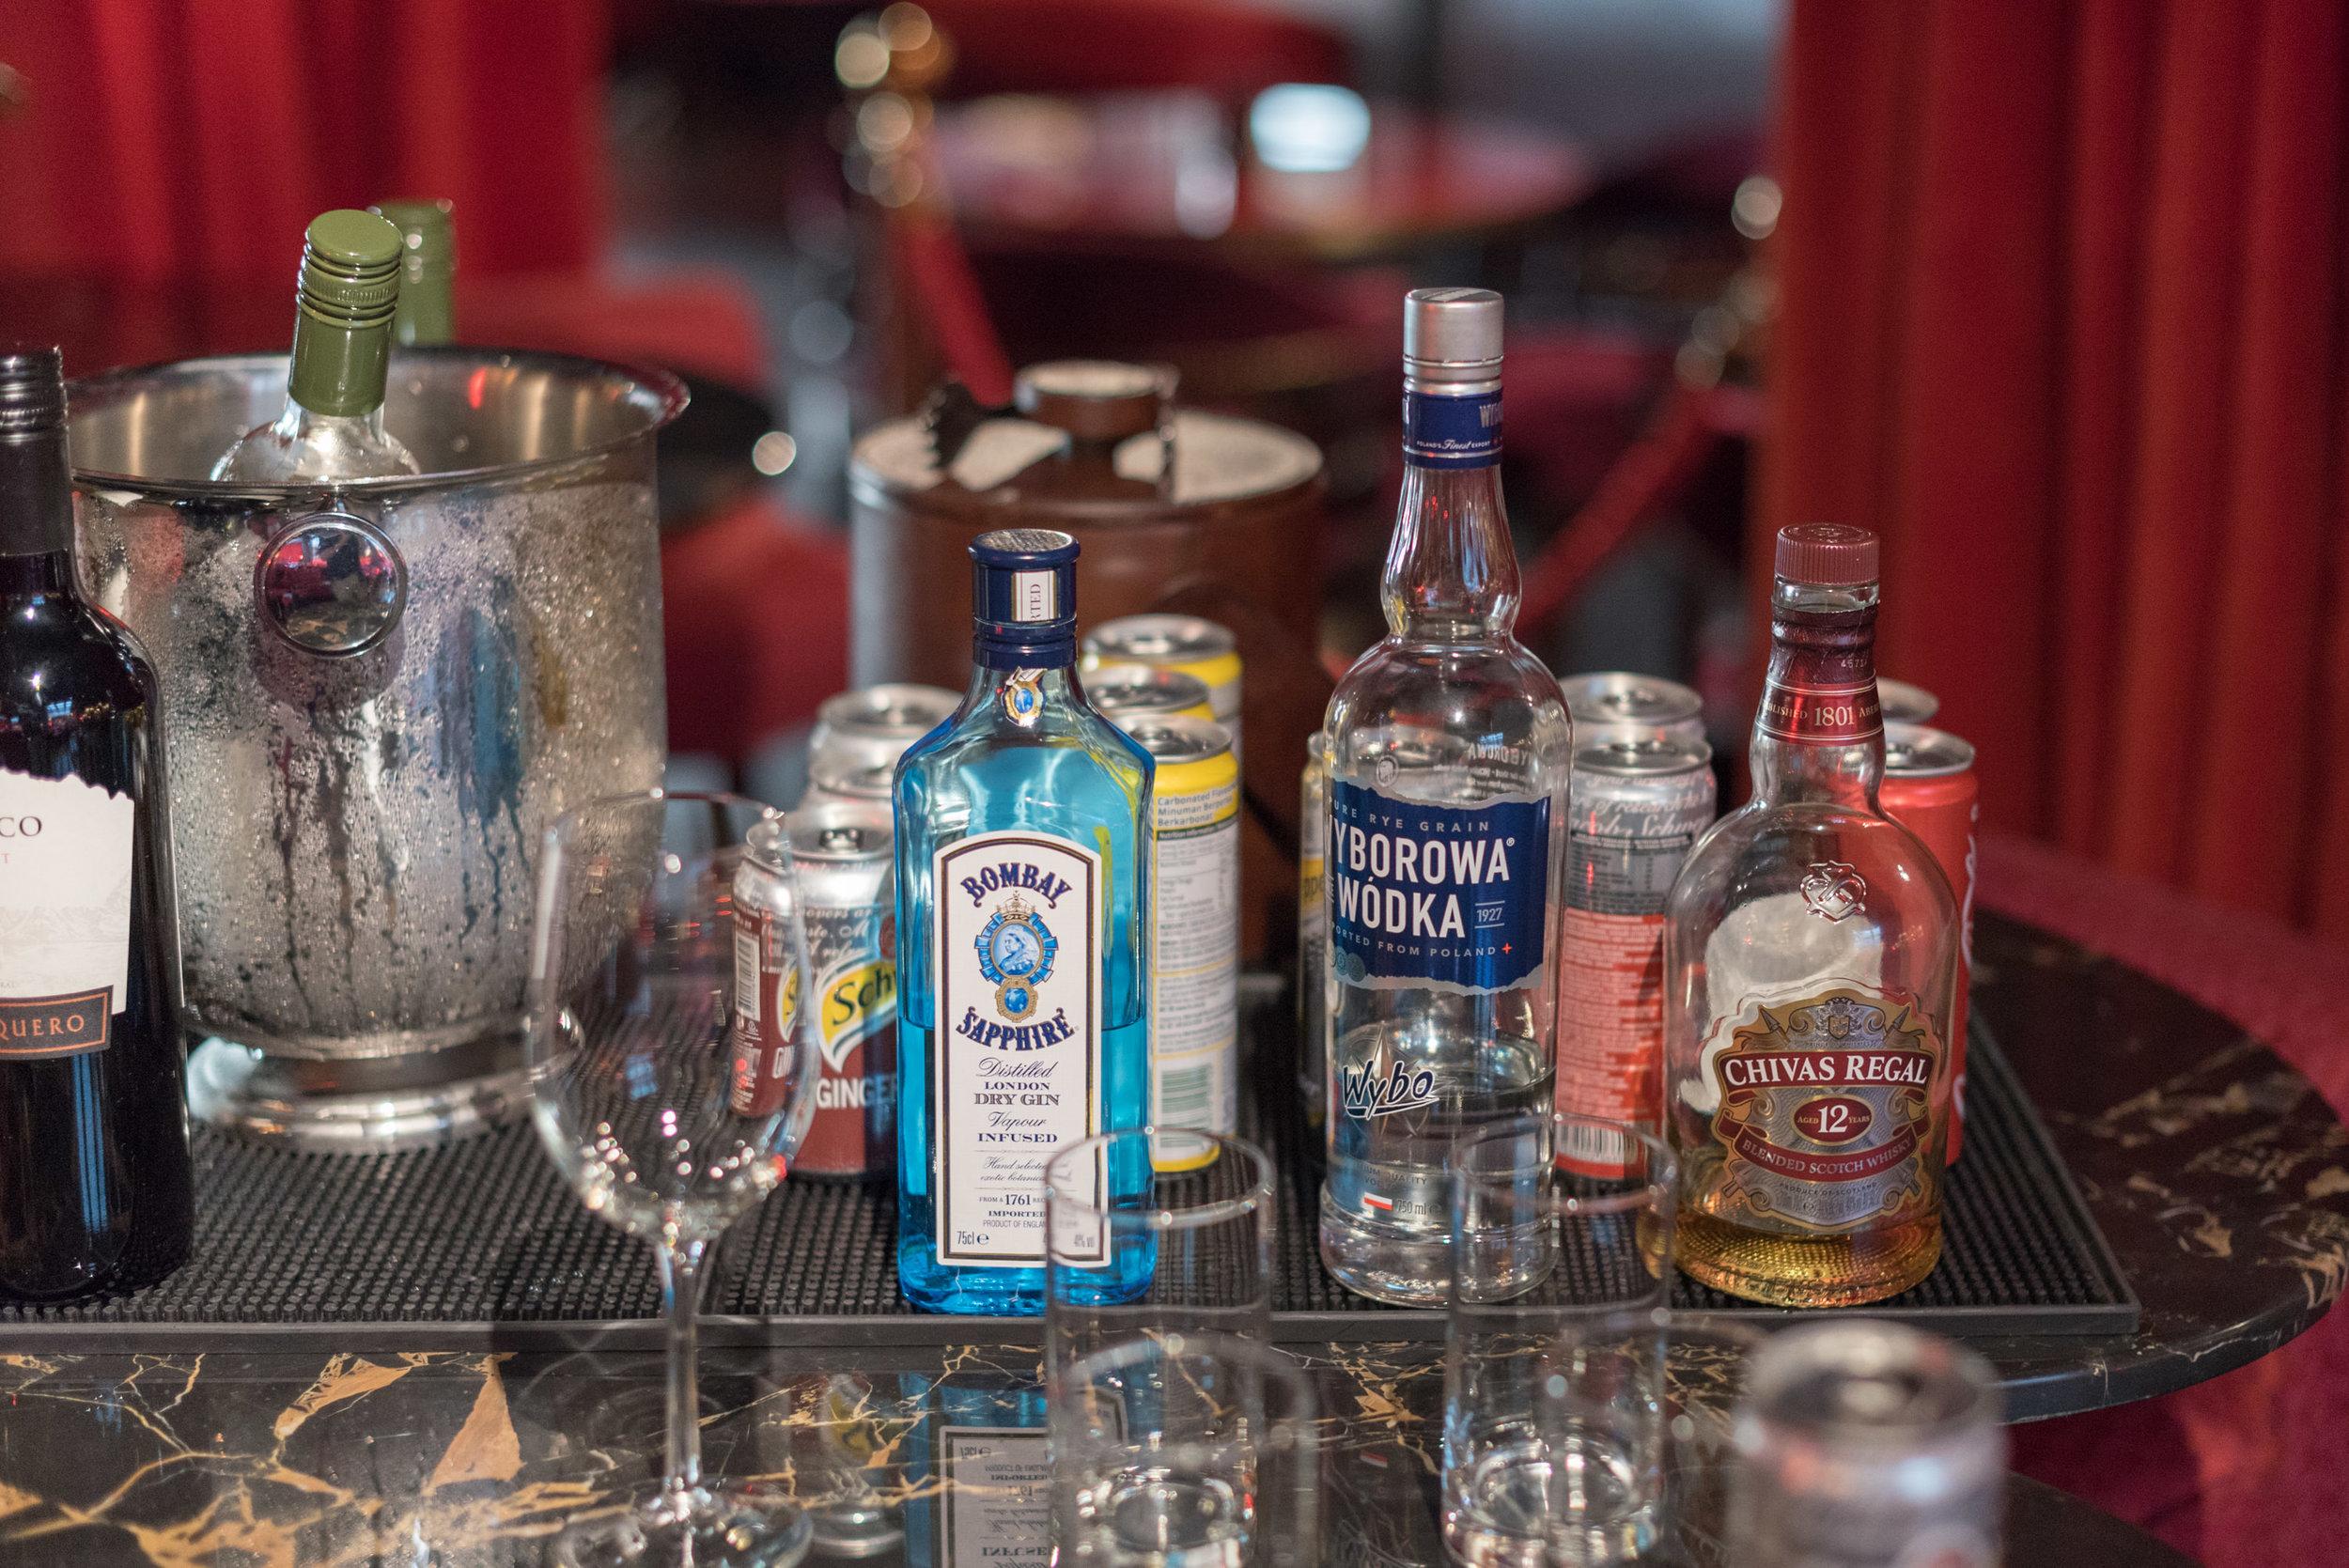 Evening Cocktails and Canapés  Vagabond Executive Club Lounge - The Vagabond Club, A Tribute Portfolio Hotel, Singapore